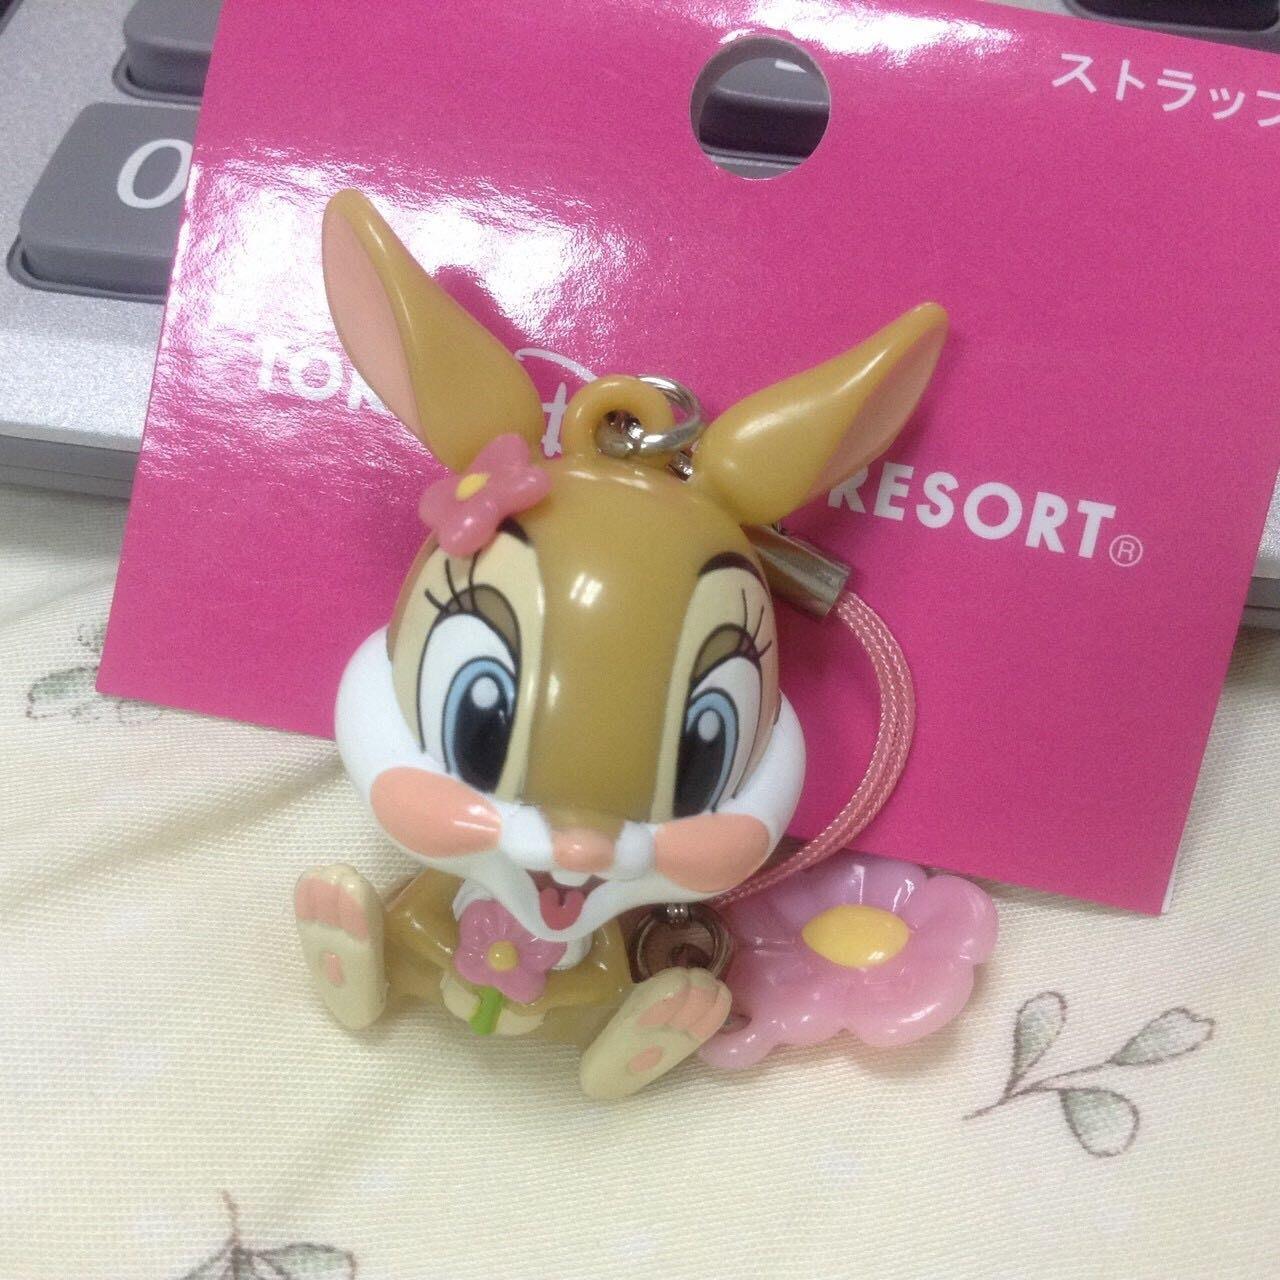 東京迪士尼tokyodisney小花朵造型邦妮兔兔(日本帶回)吊飾 鑰匙圈